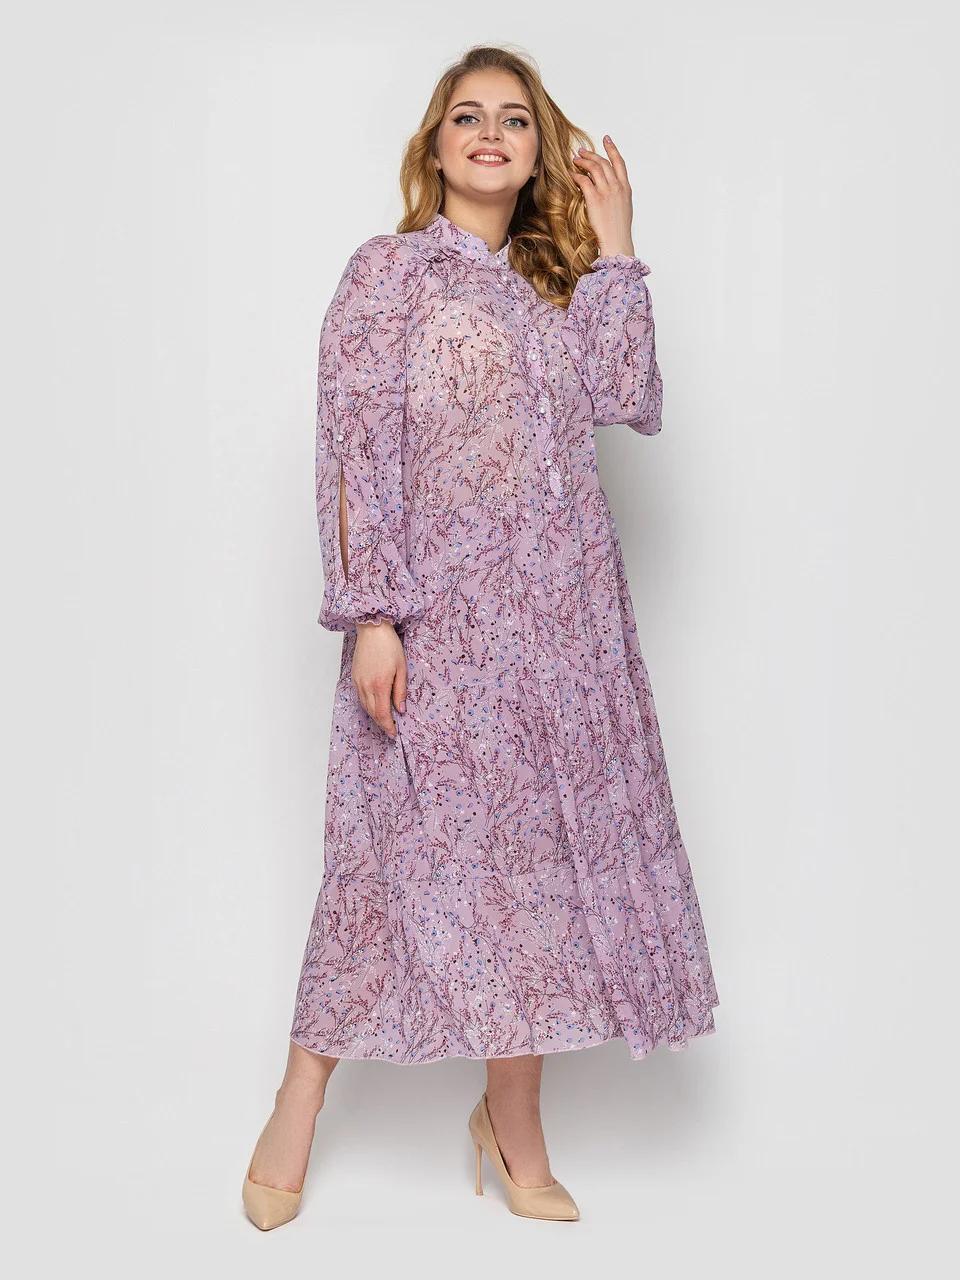 Длинное платье из шифона весна-лето с вырезами на рукавах принт цветочек, большие размеры 52-58